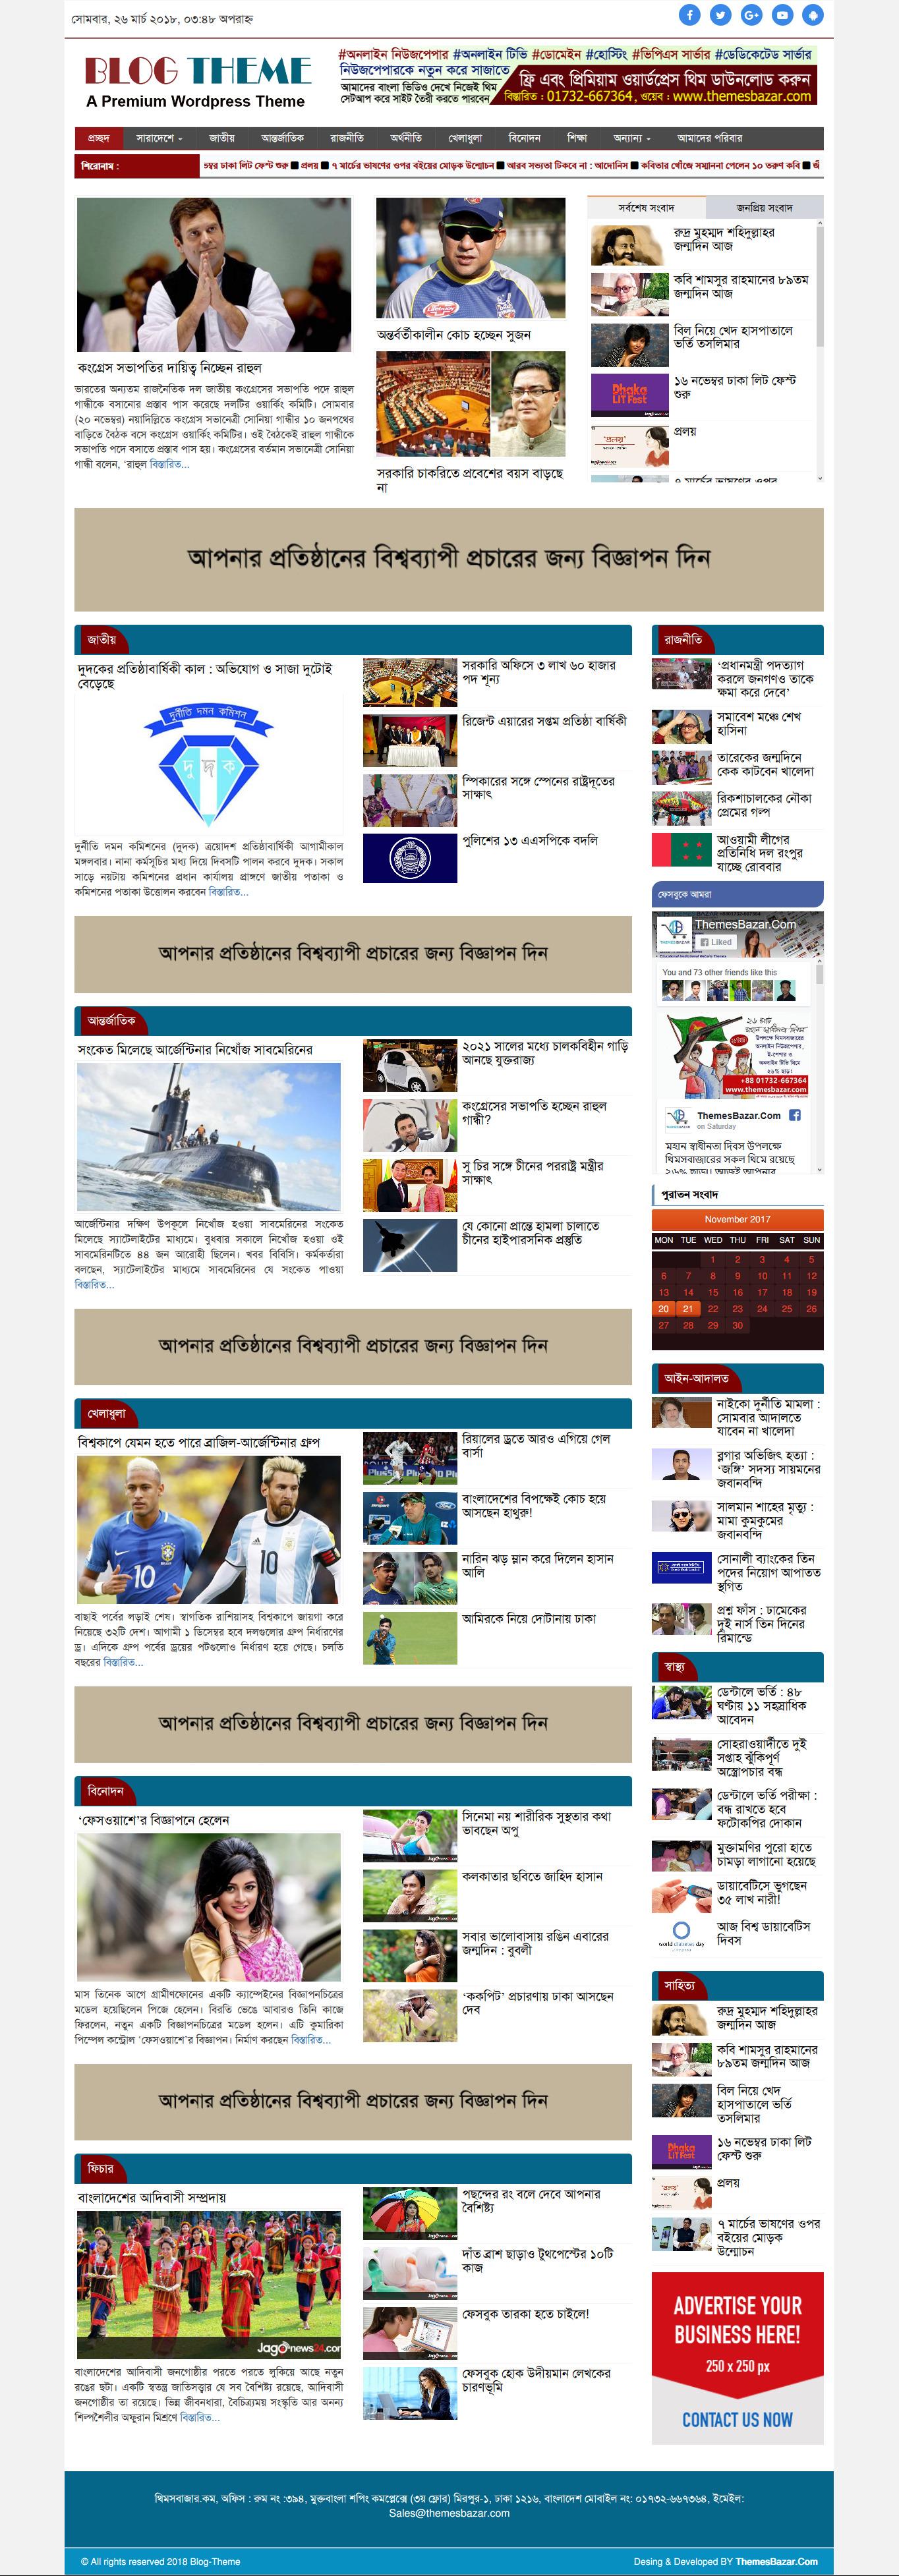 News and Blog Premium WordPress Theme